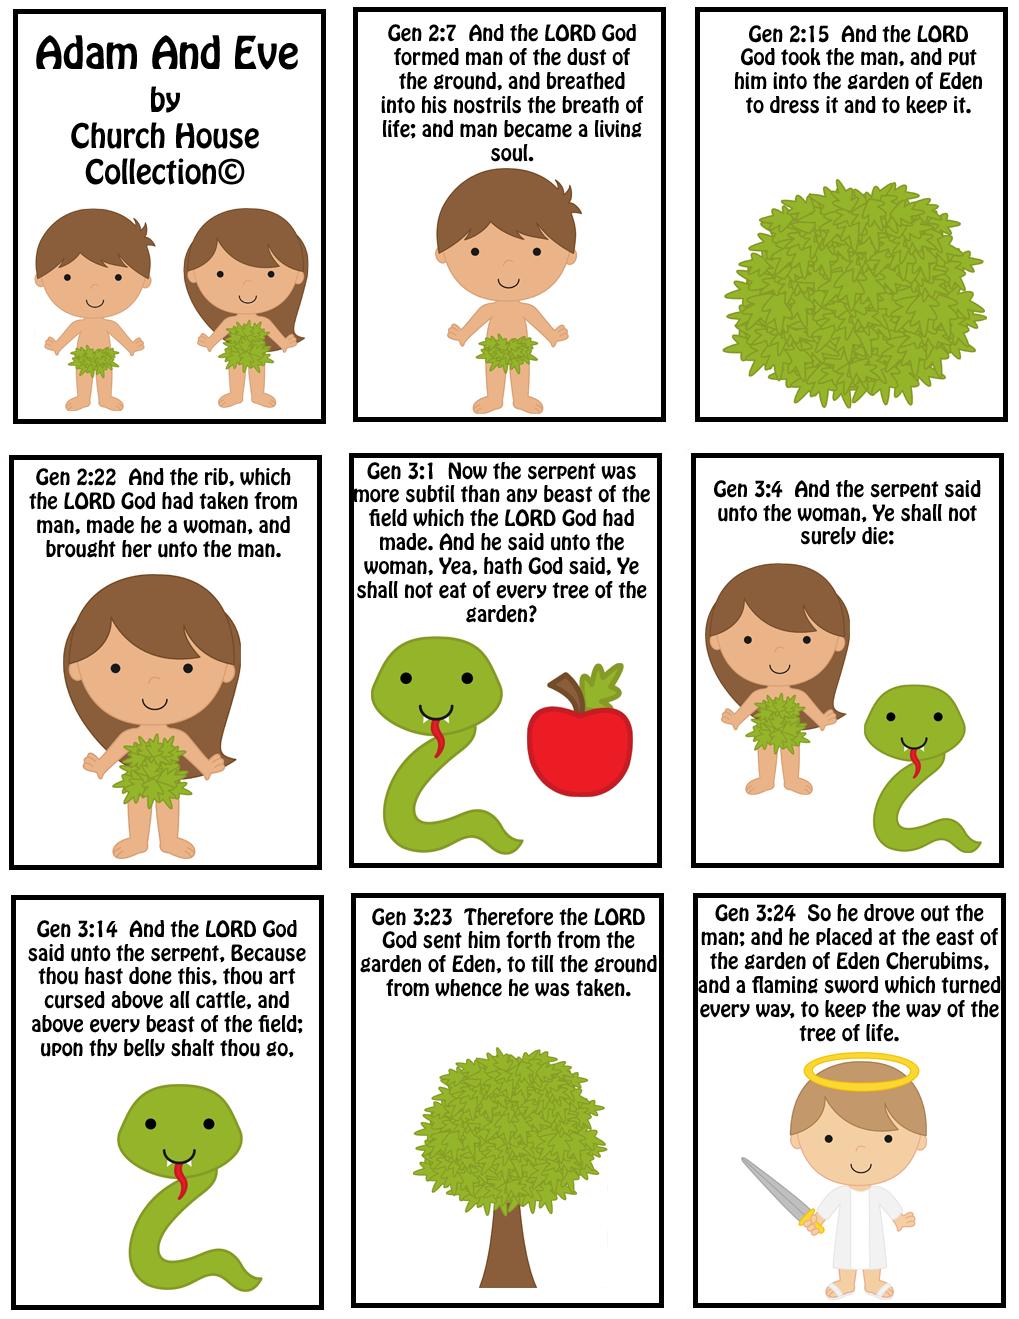 Adam and eve in garden of eden studying genesis chapter 2 6